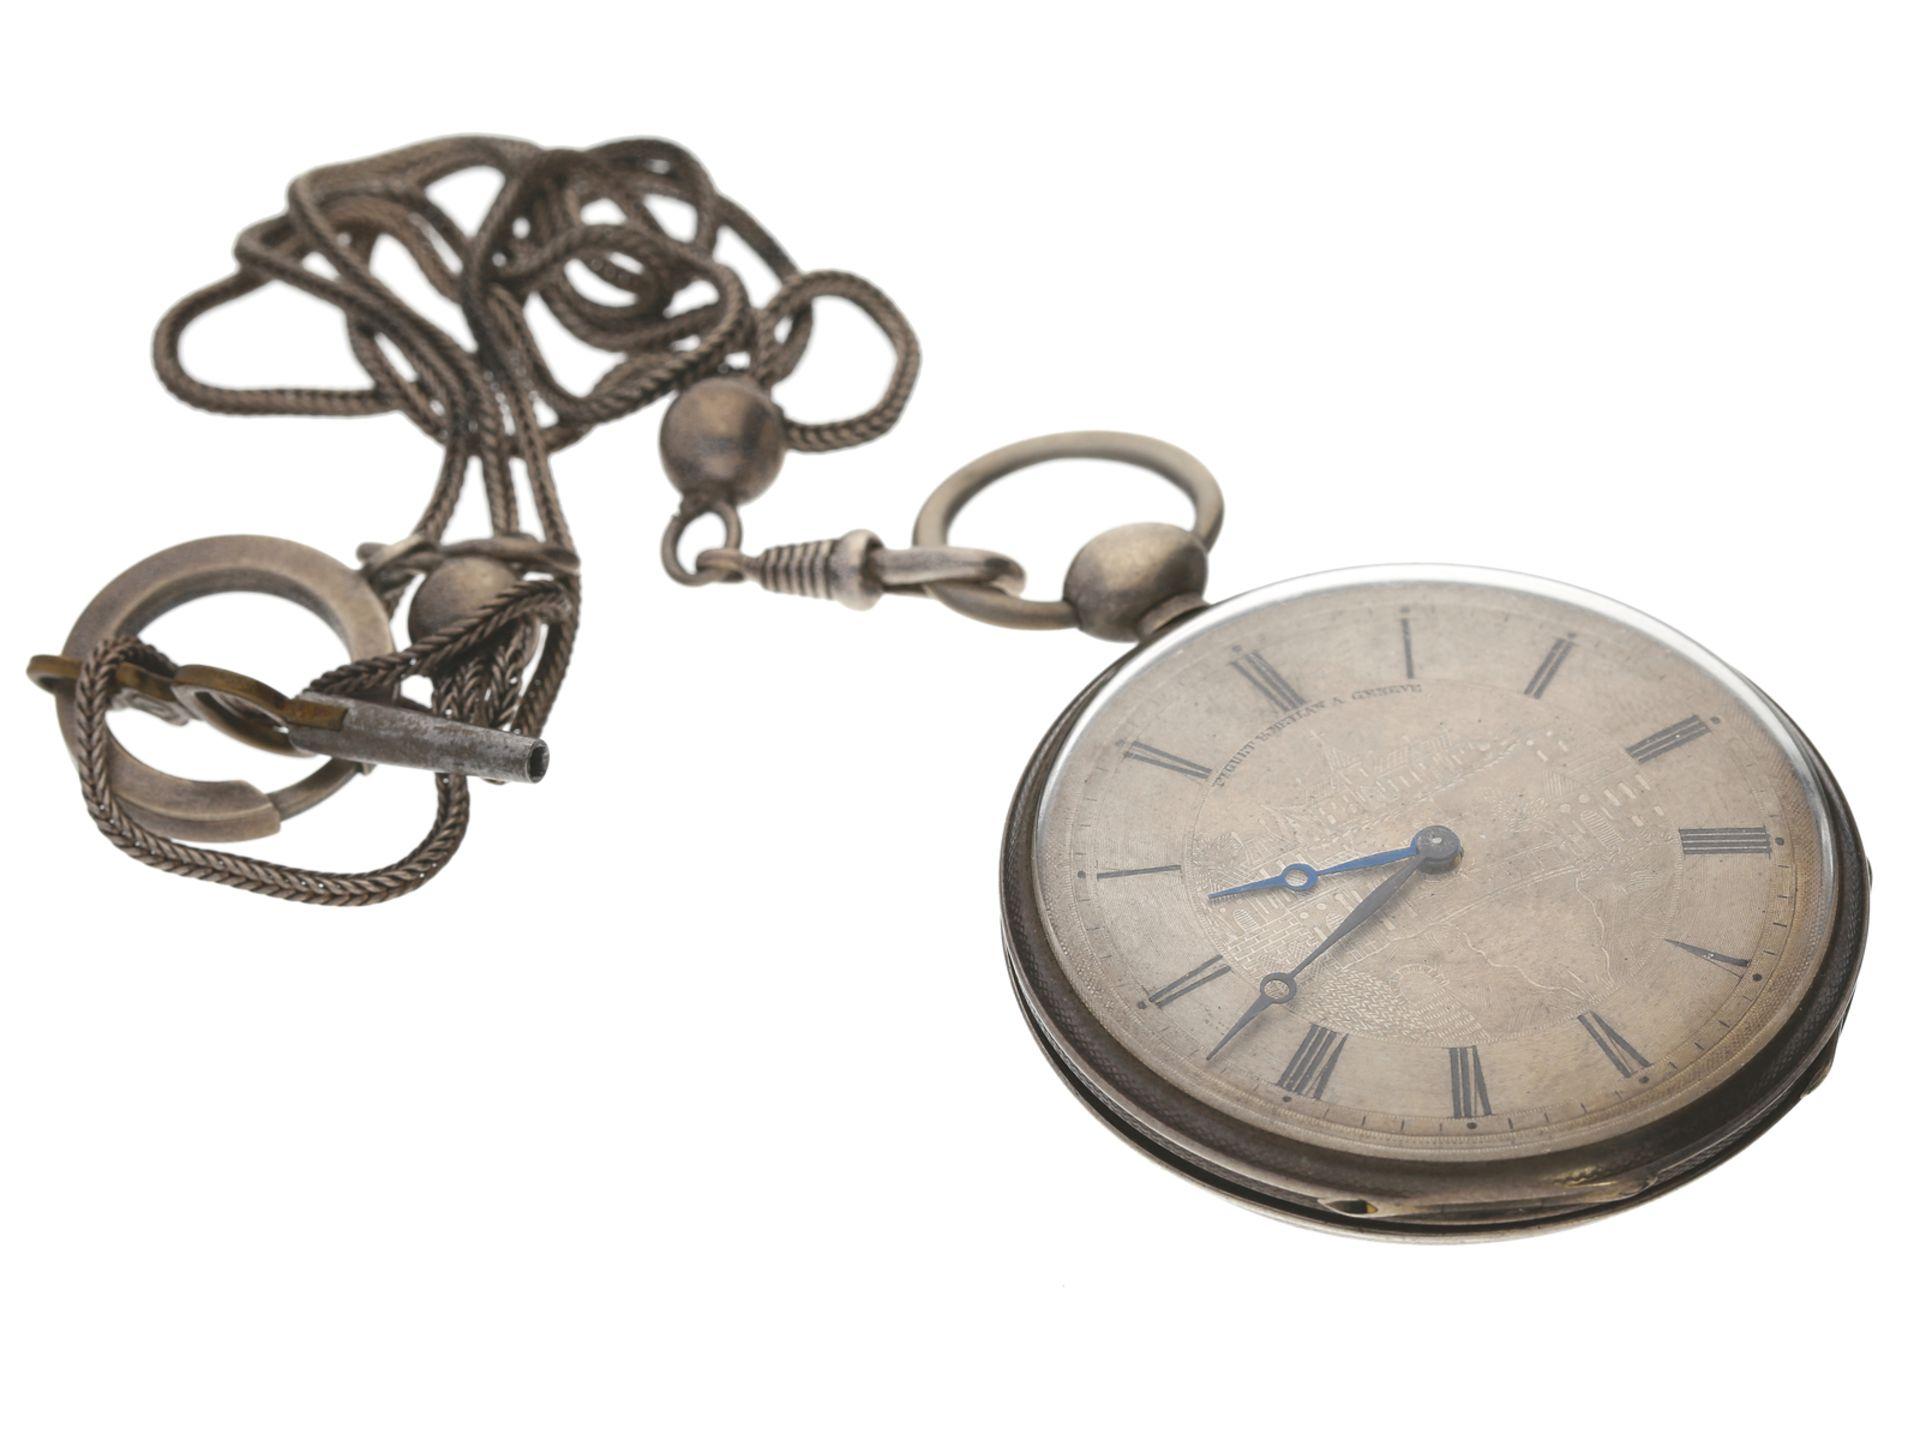 Taschenuhr: feine Genfer Lepine mit dazugehöriger Uhrenkette, Piguet & Meylan, um 1840<br /